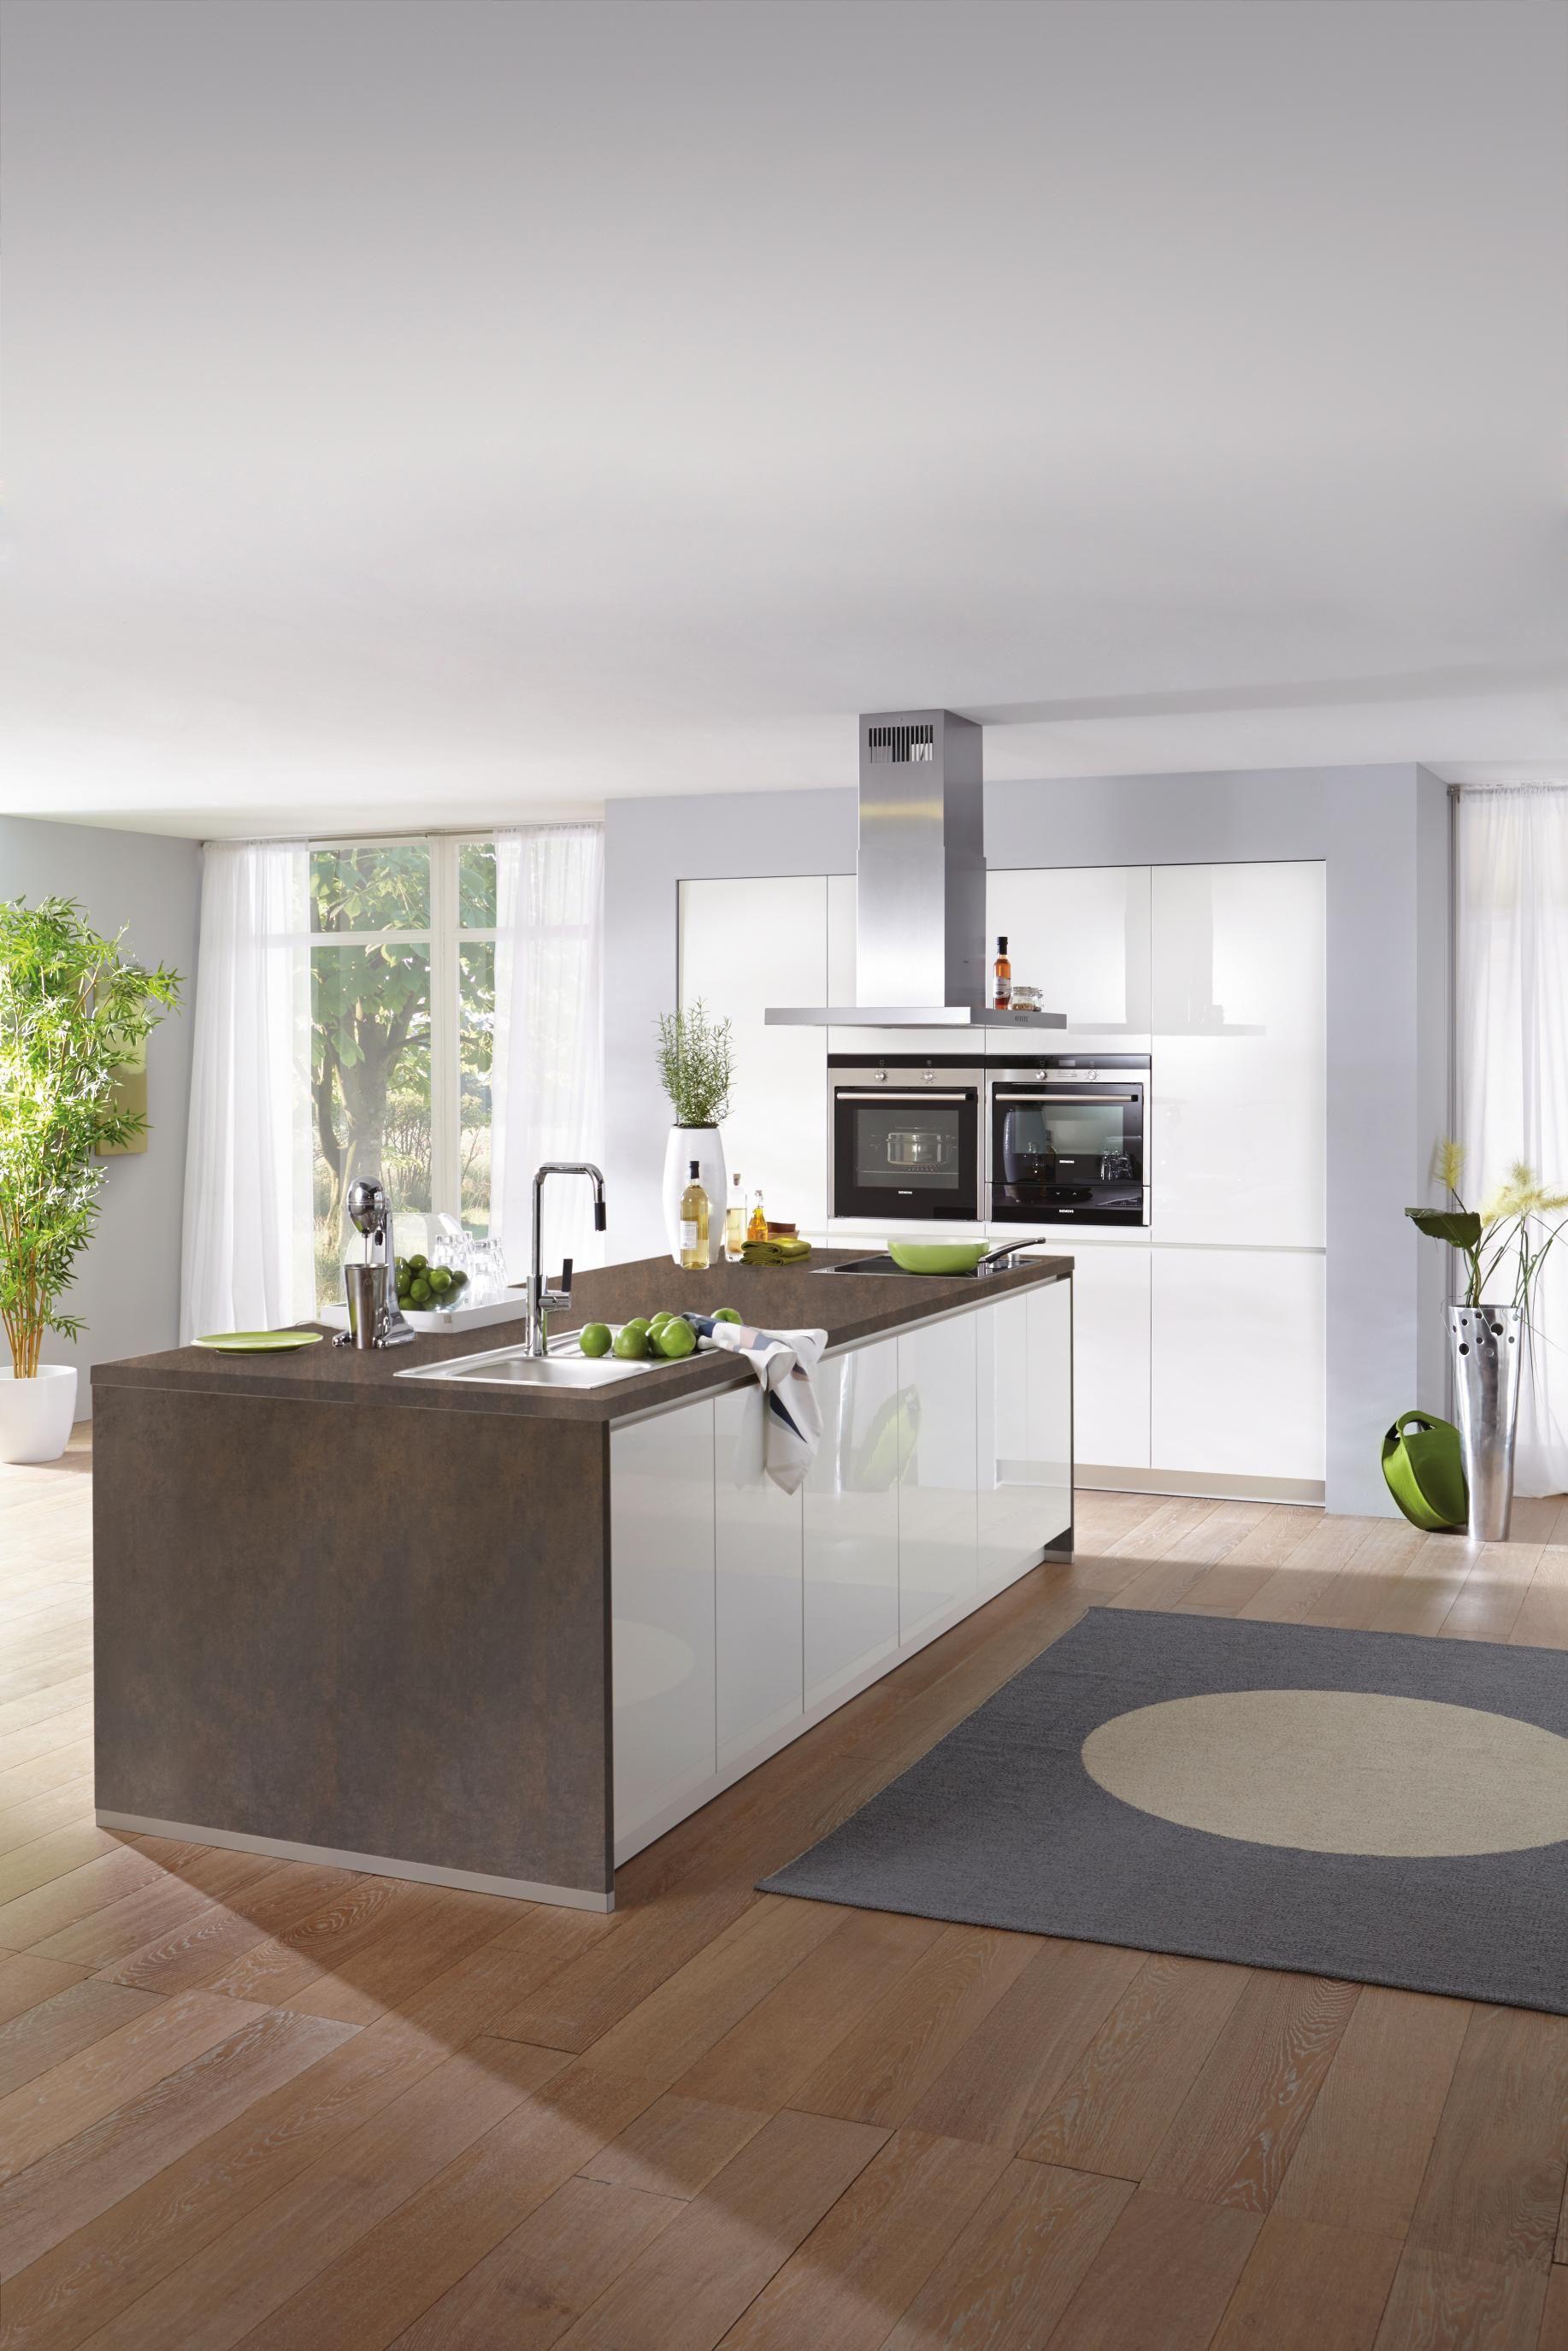 Moderne Einbauküche moderne einbauküche alnostar pearl alno zur individuellen